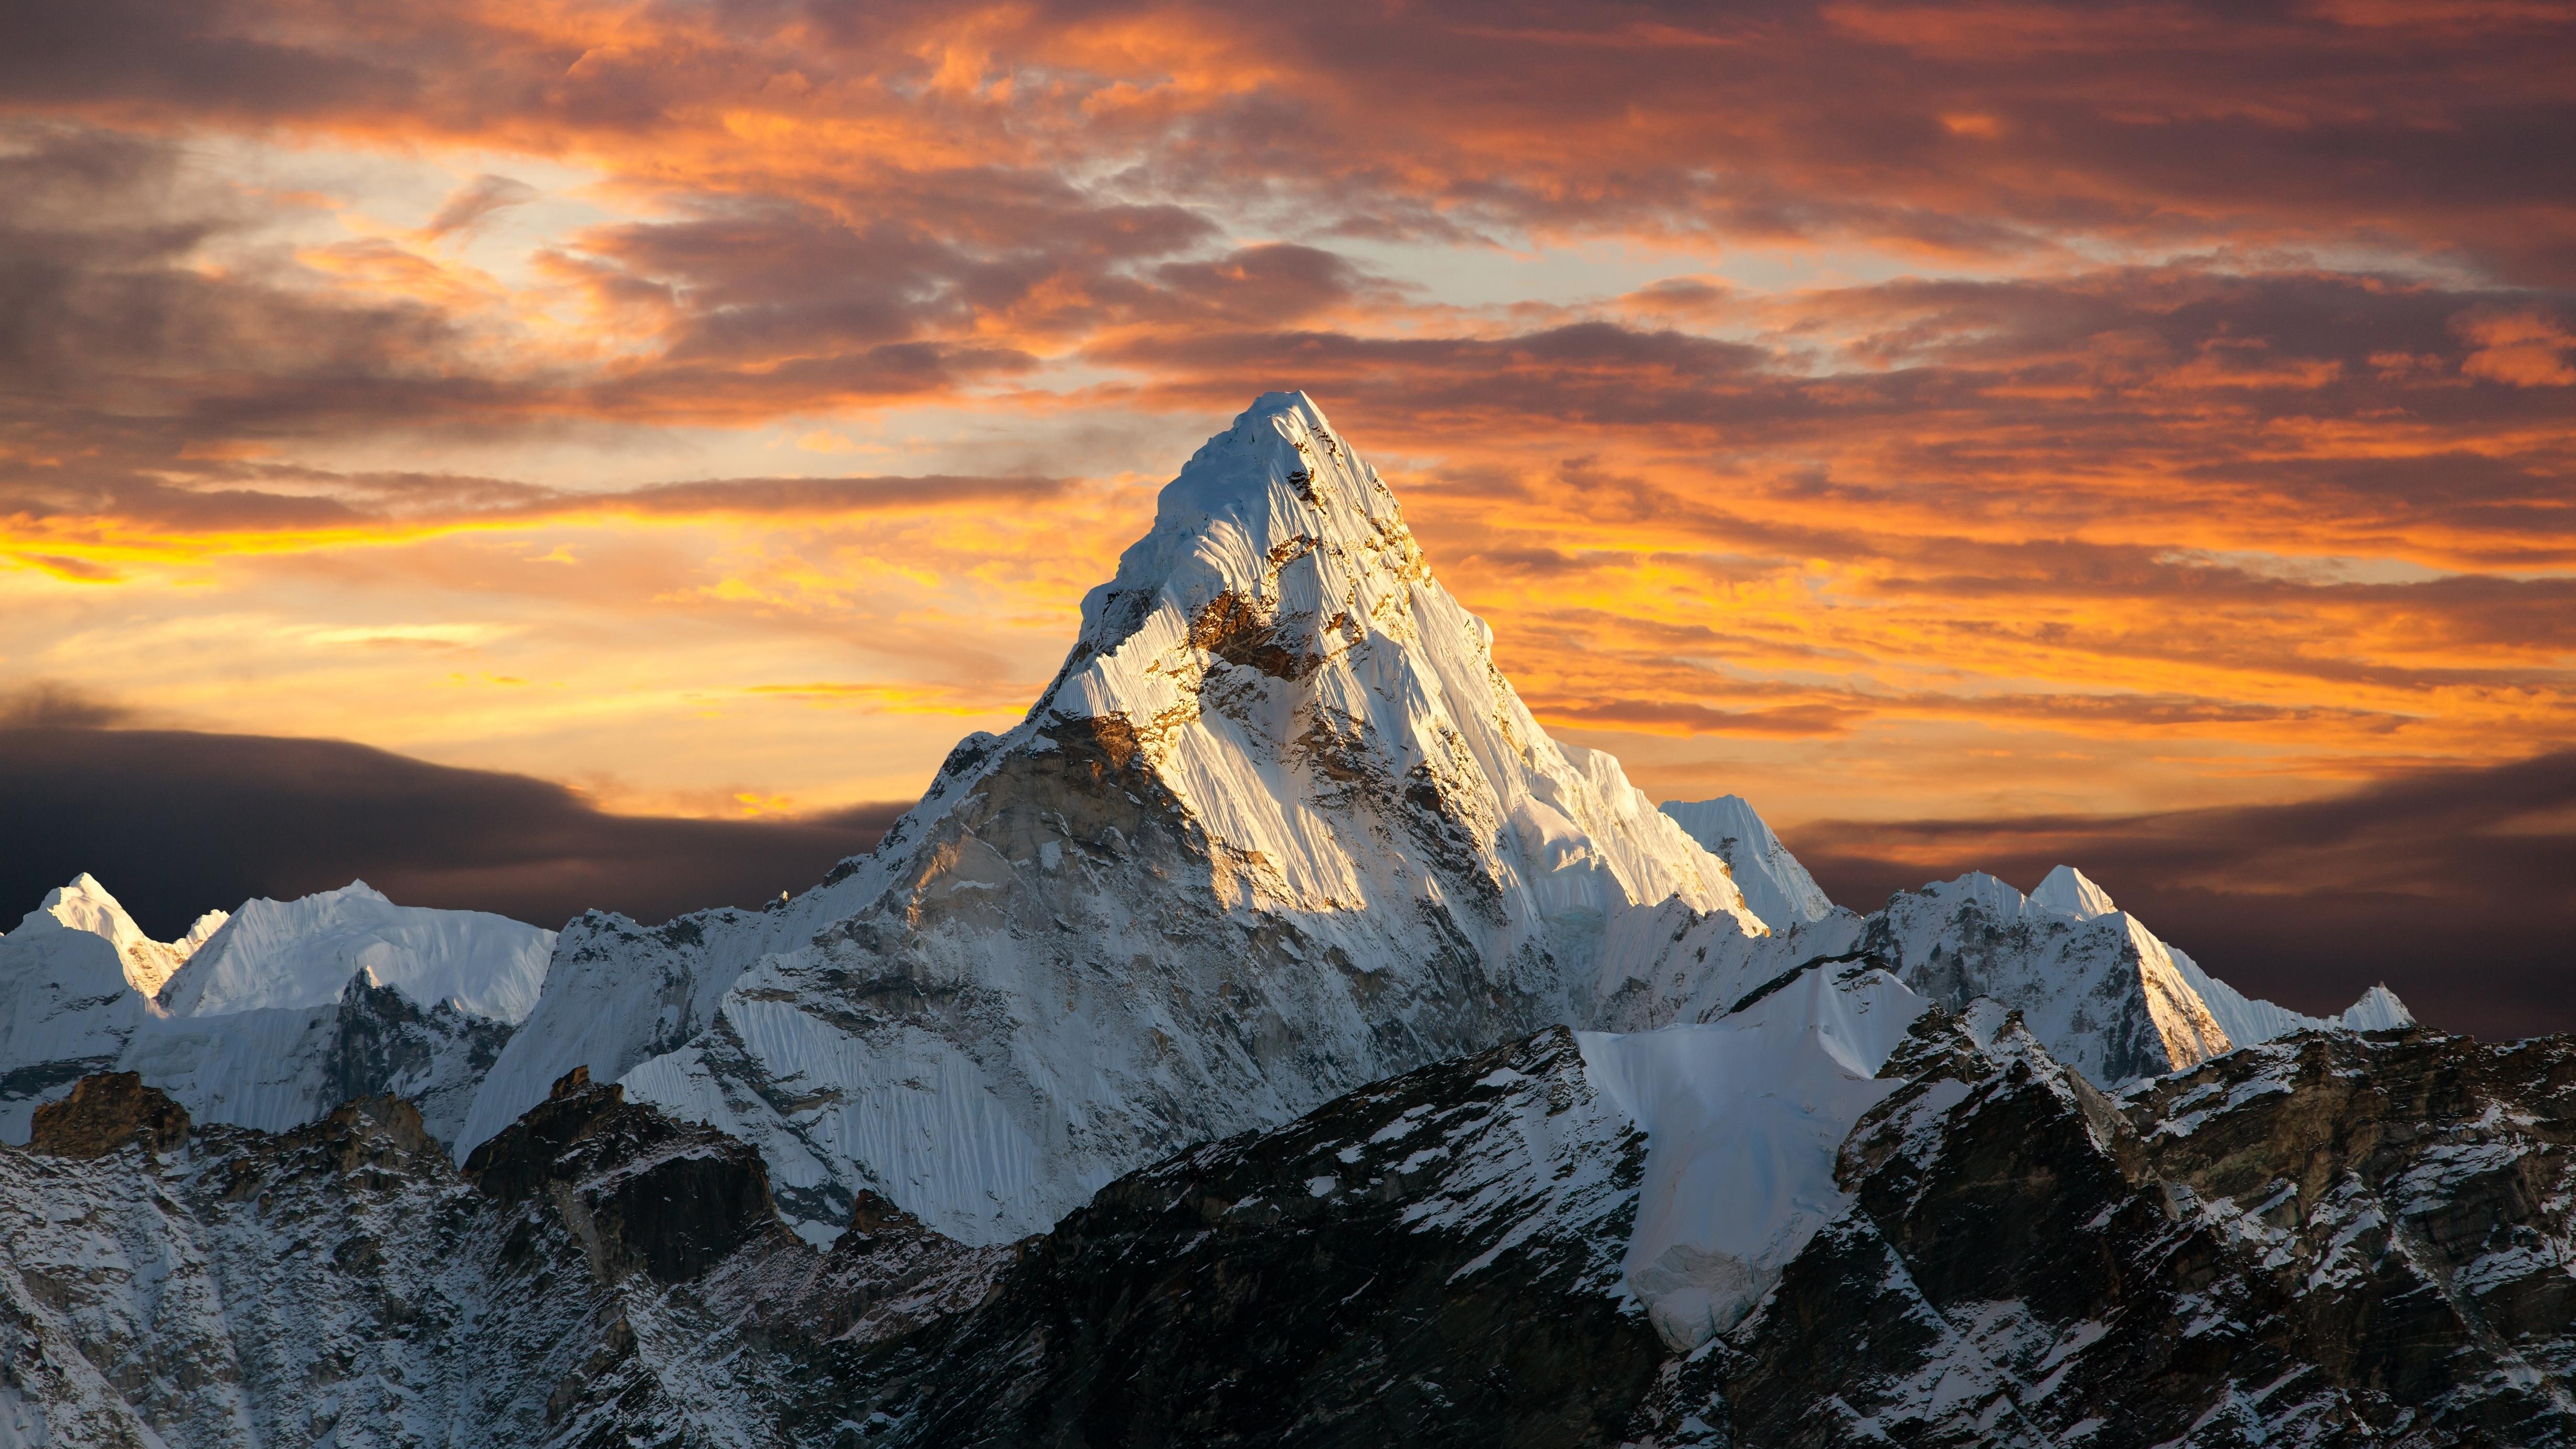 La montaña más alta del mundo es el Monte Everest, con una altitud de 8.848 metros sobre el nivel del mar. Después de una altura de 8.000 metros, comienza la llamada zona de muerte. La presión del aire allí es solo un tercio de la presión normal al nivel del mar